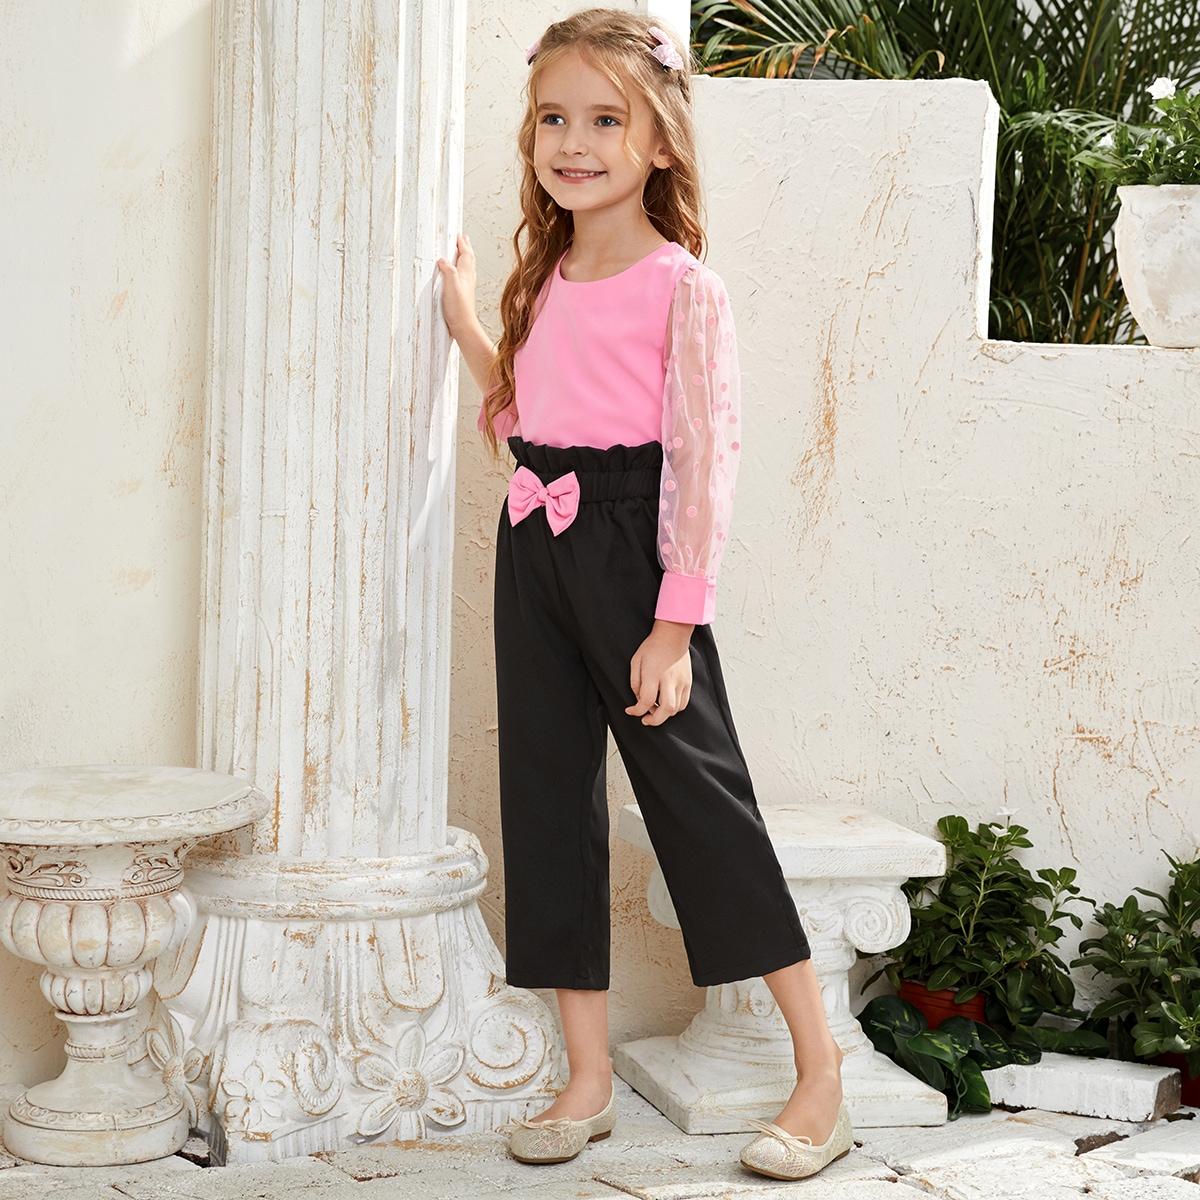 Блузка в горошек и брюки с бантом для девочек